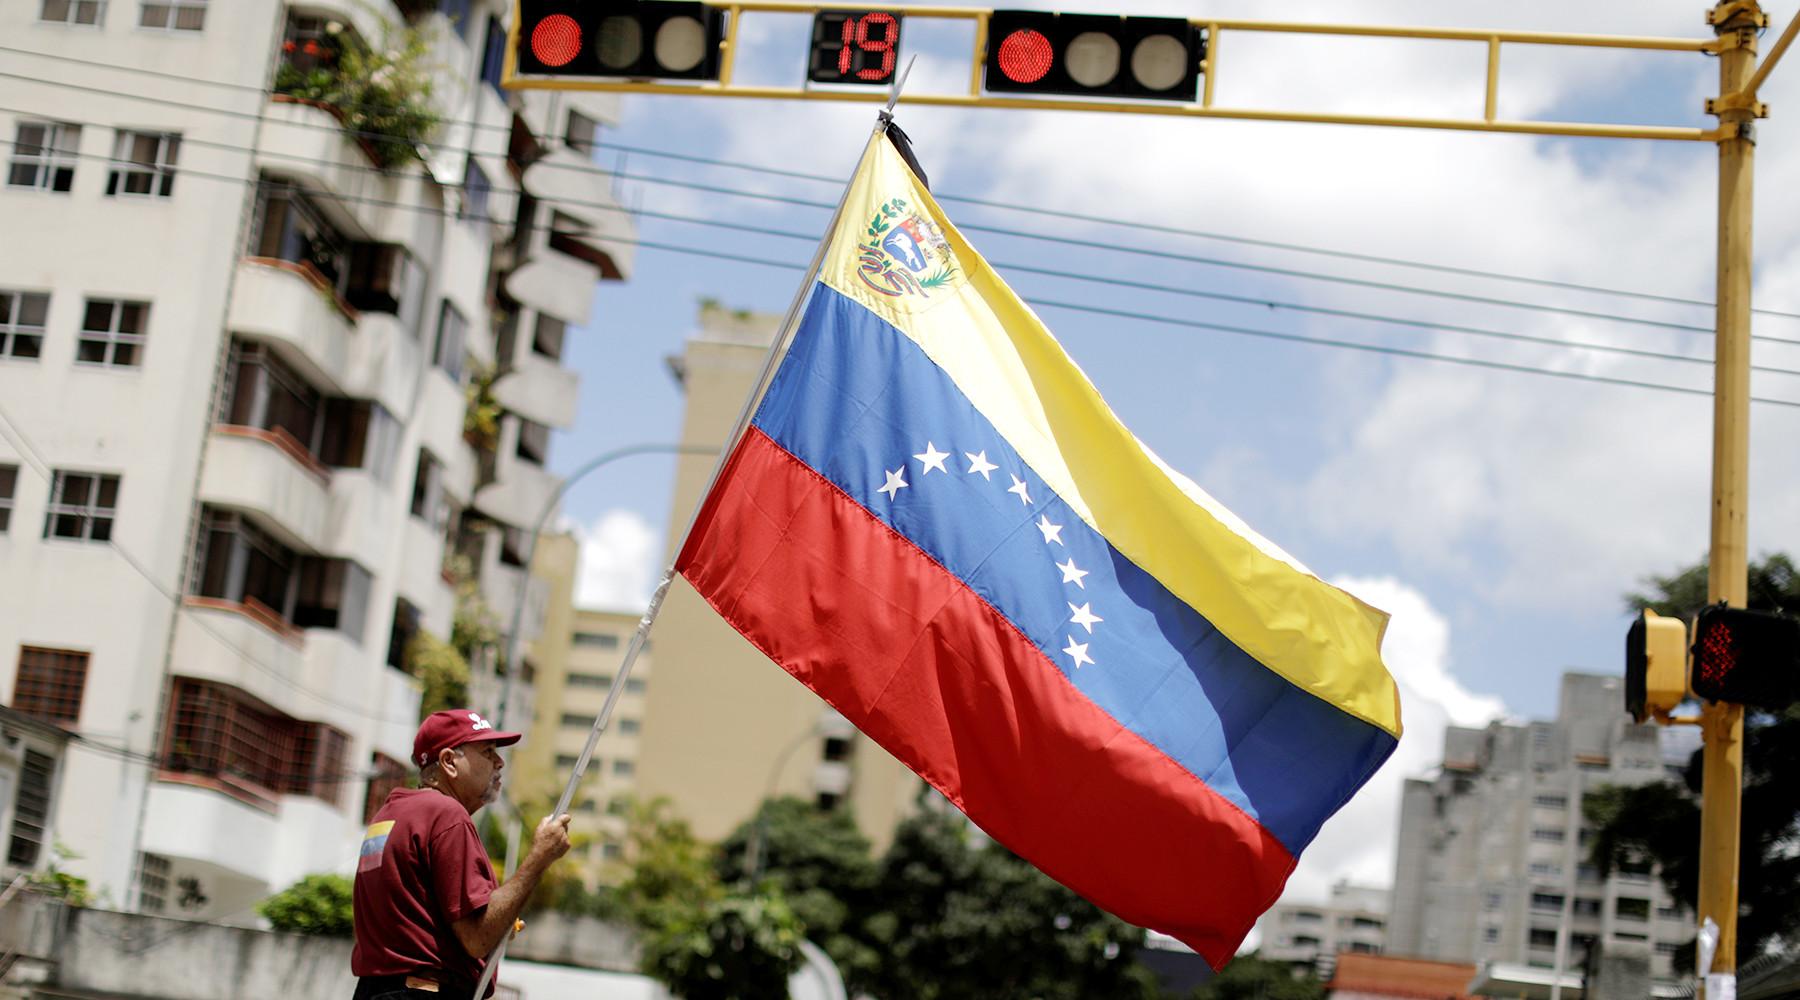 Как европейское оружейное эмбарго может сказаться на ситуации в Венесуэле